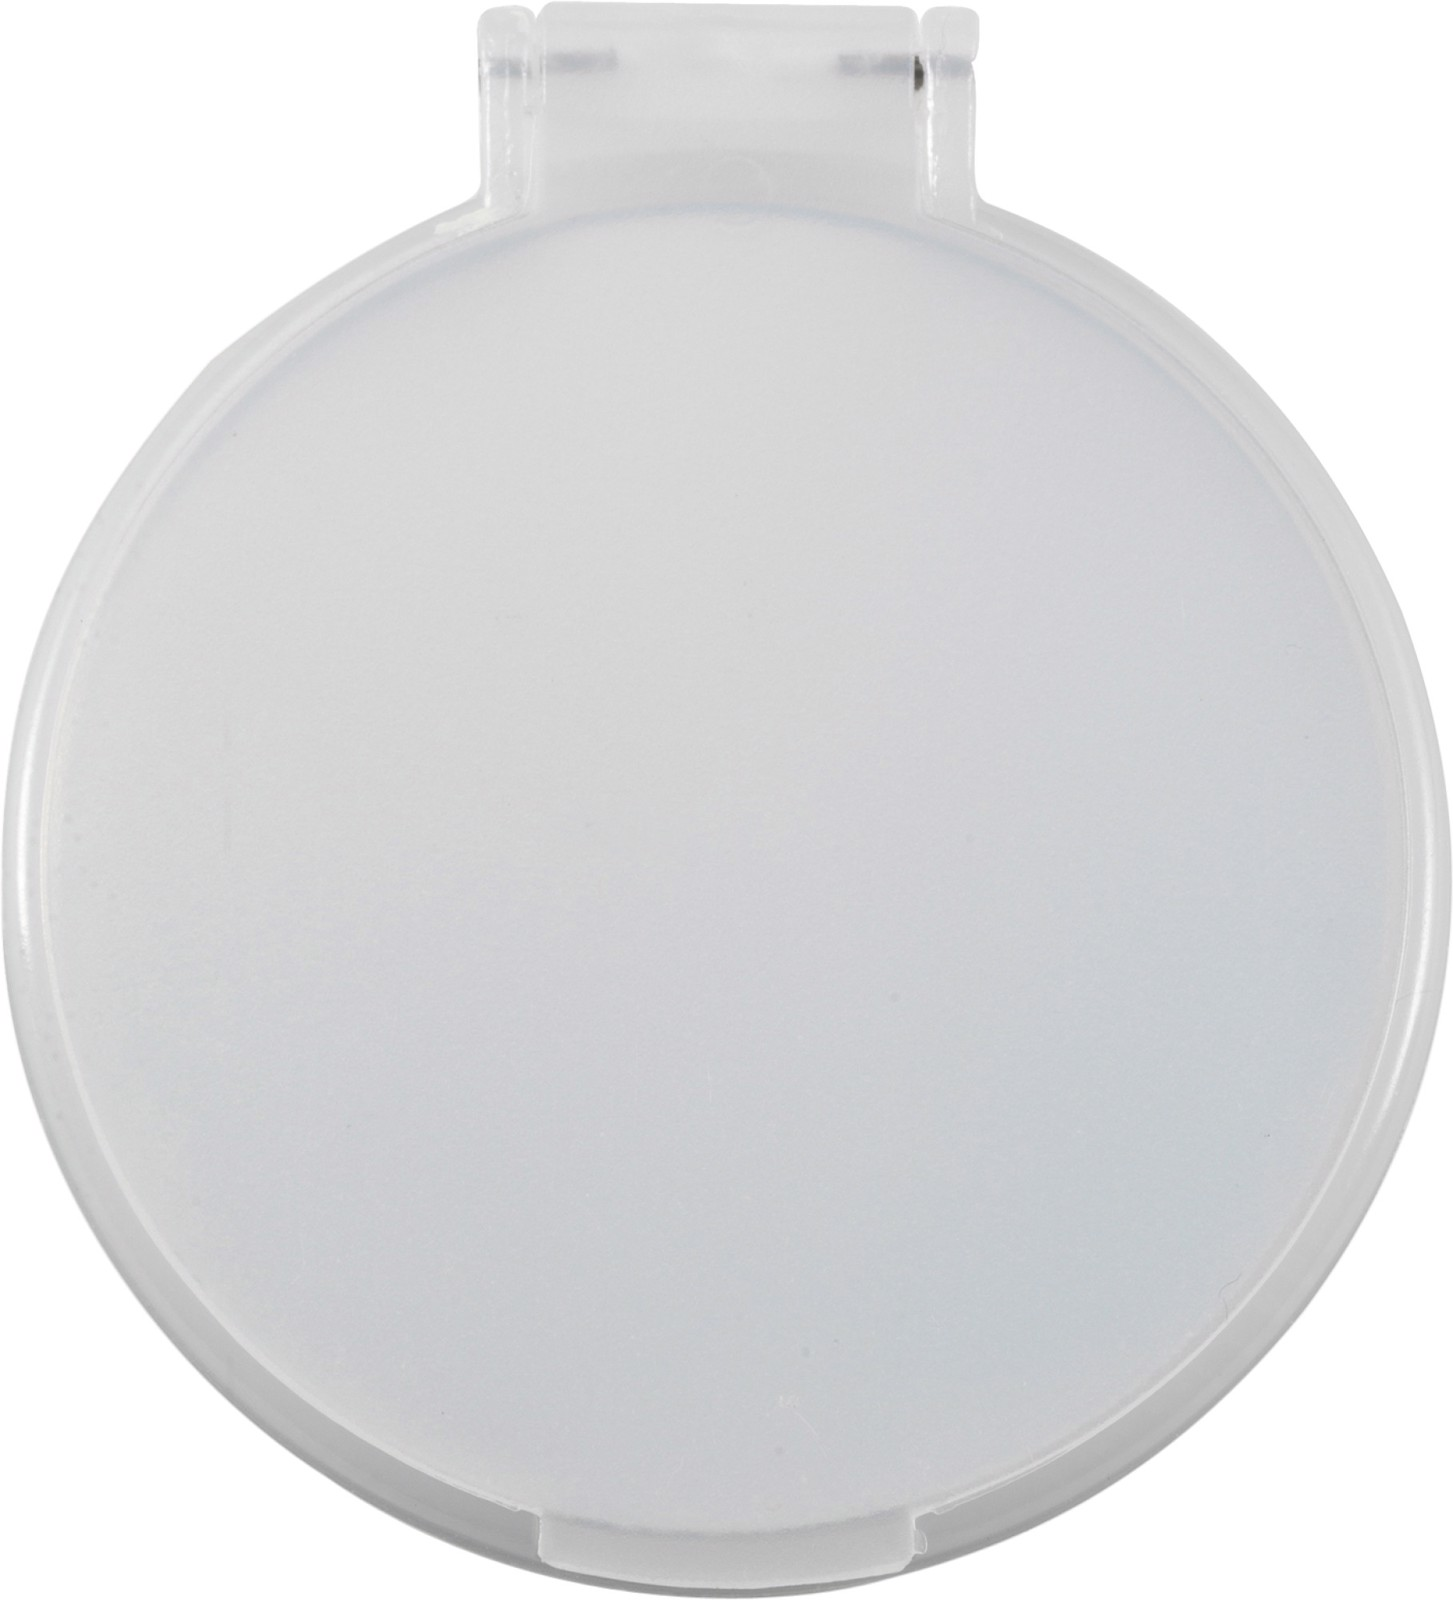 PS pocket mirror - White